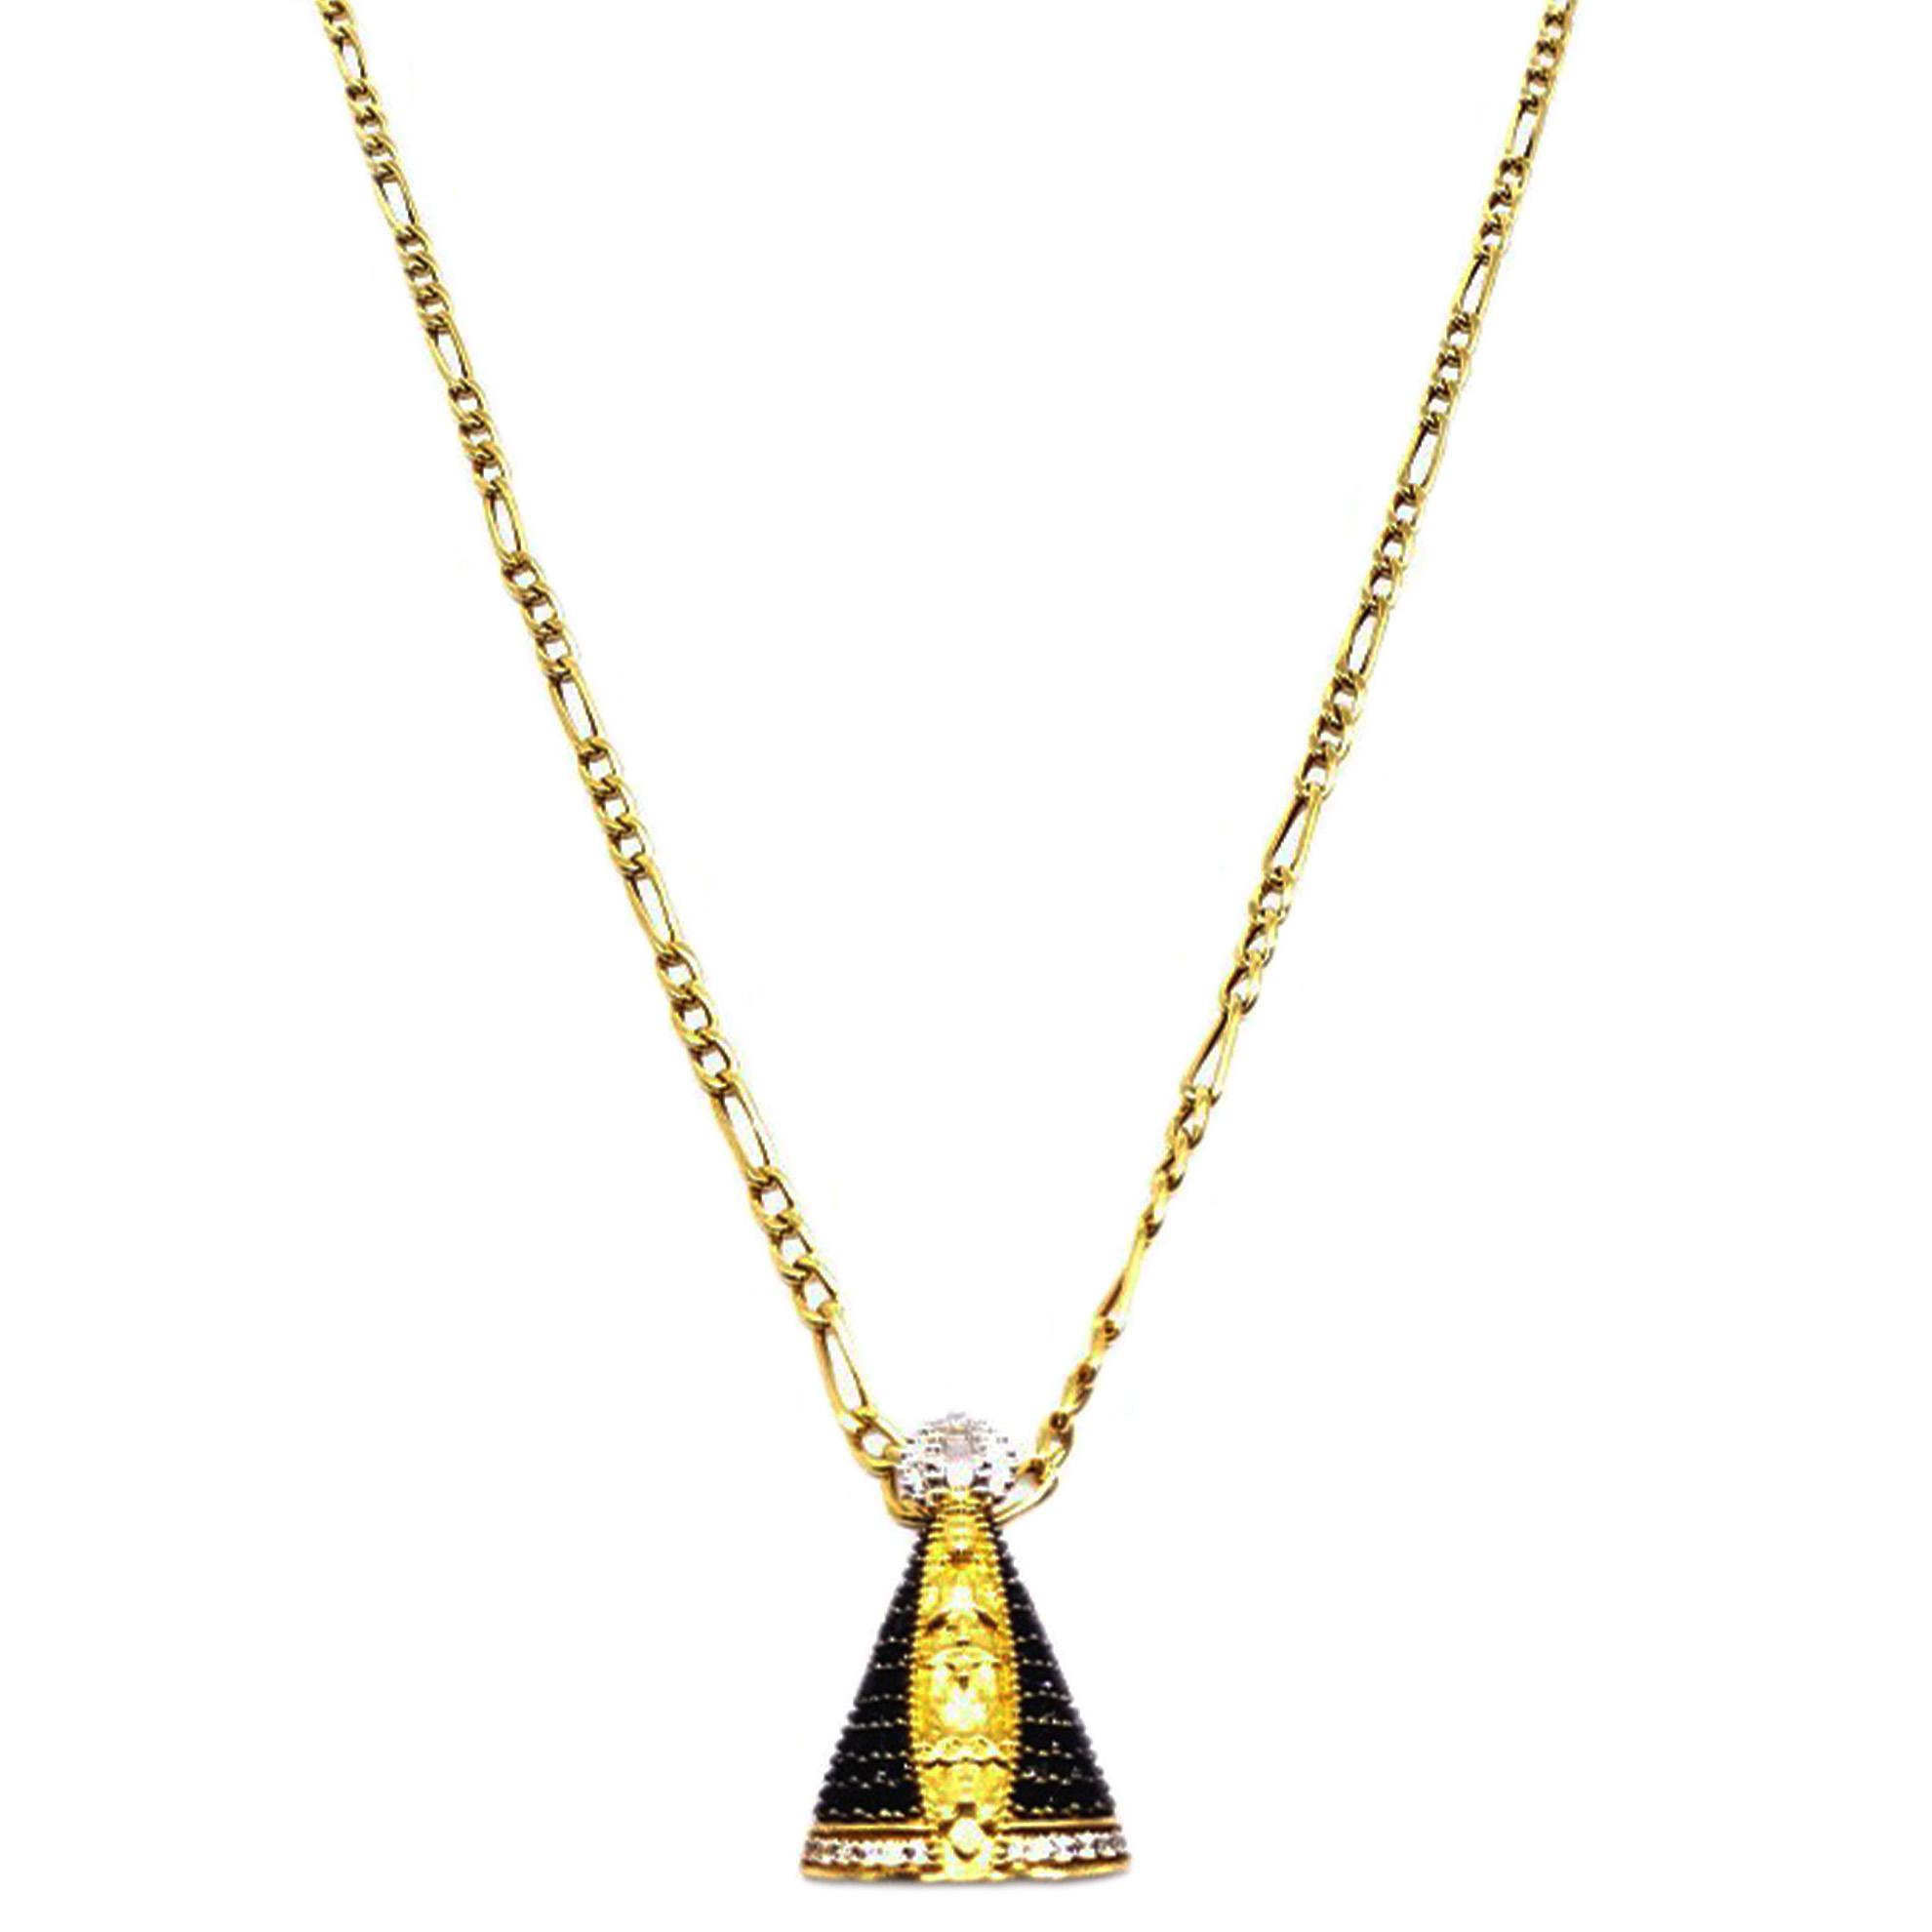 Pingente Nossa Senhora Aparecida c/ Onix em Ouro 18 Kilates